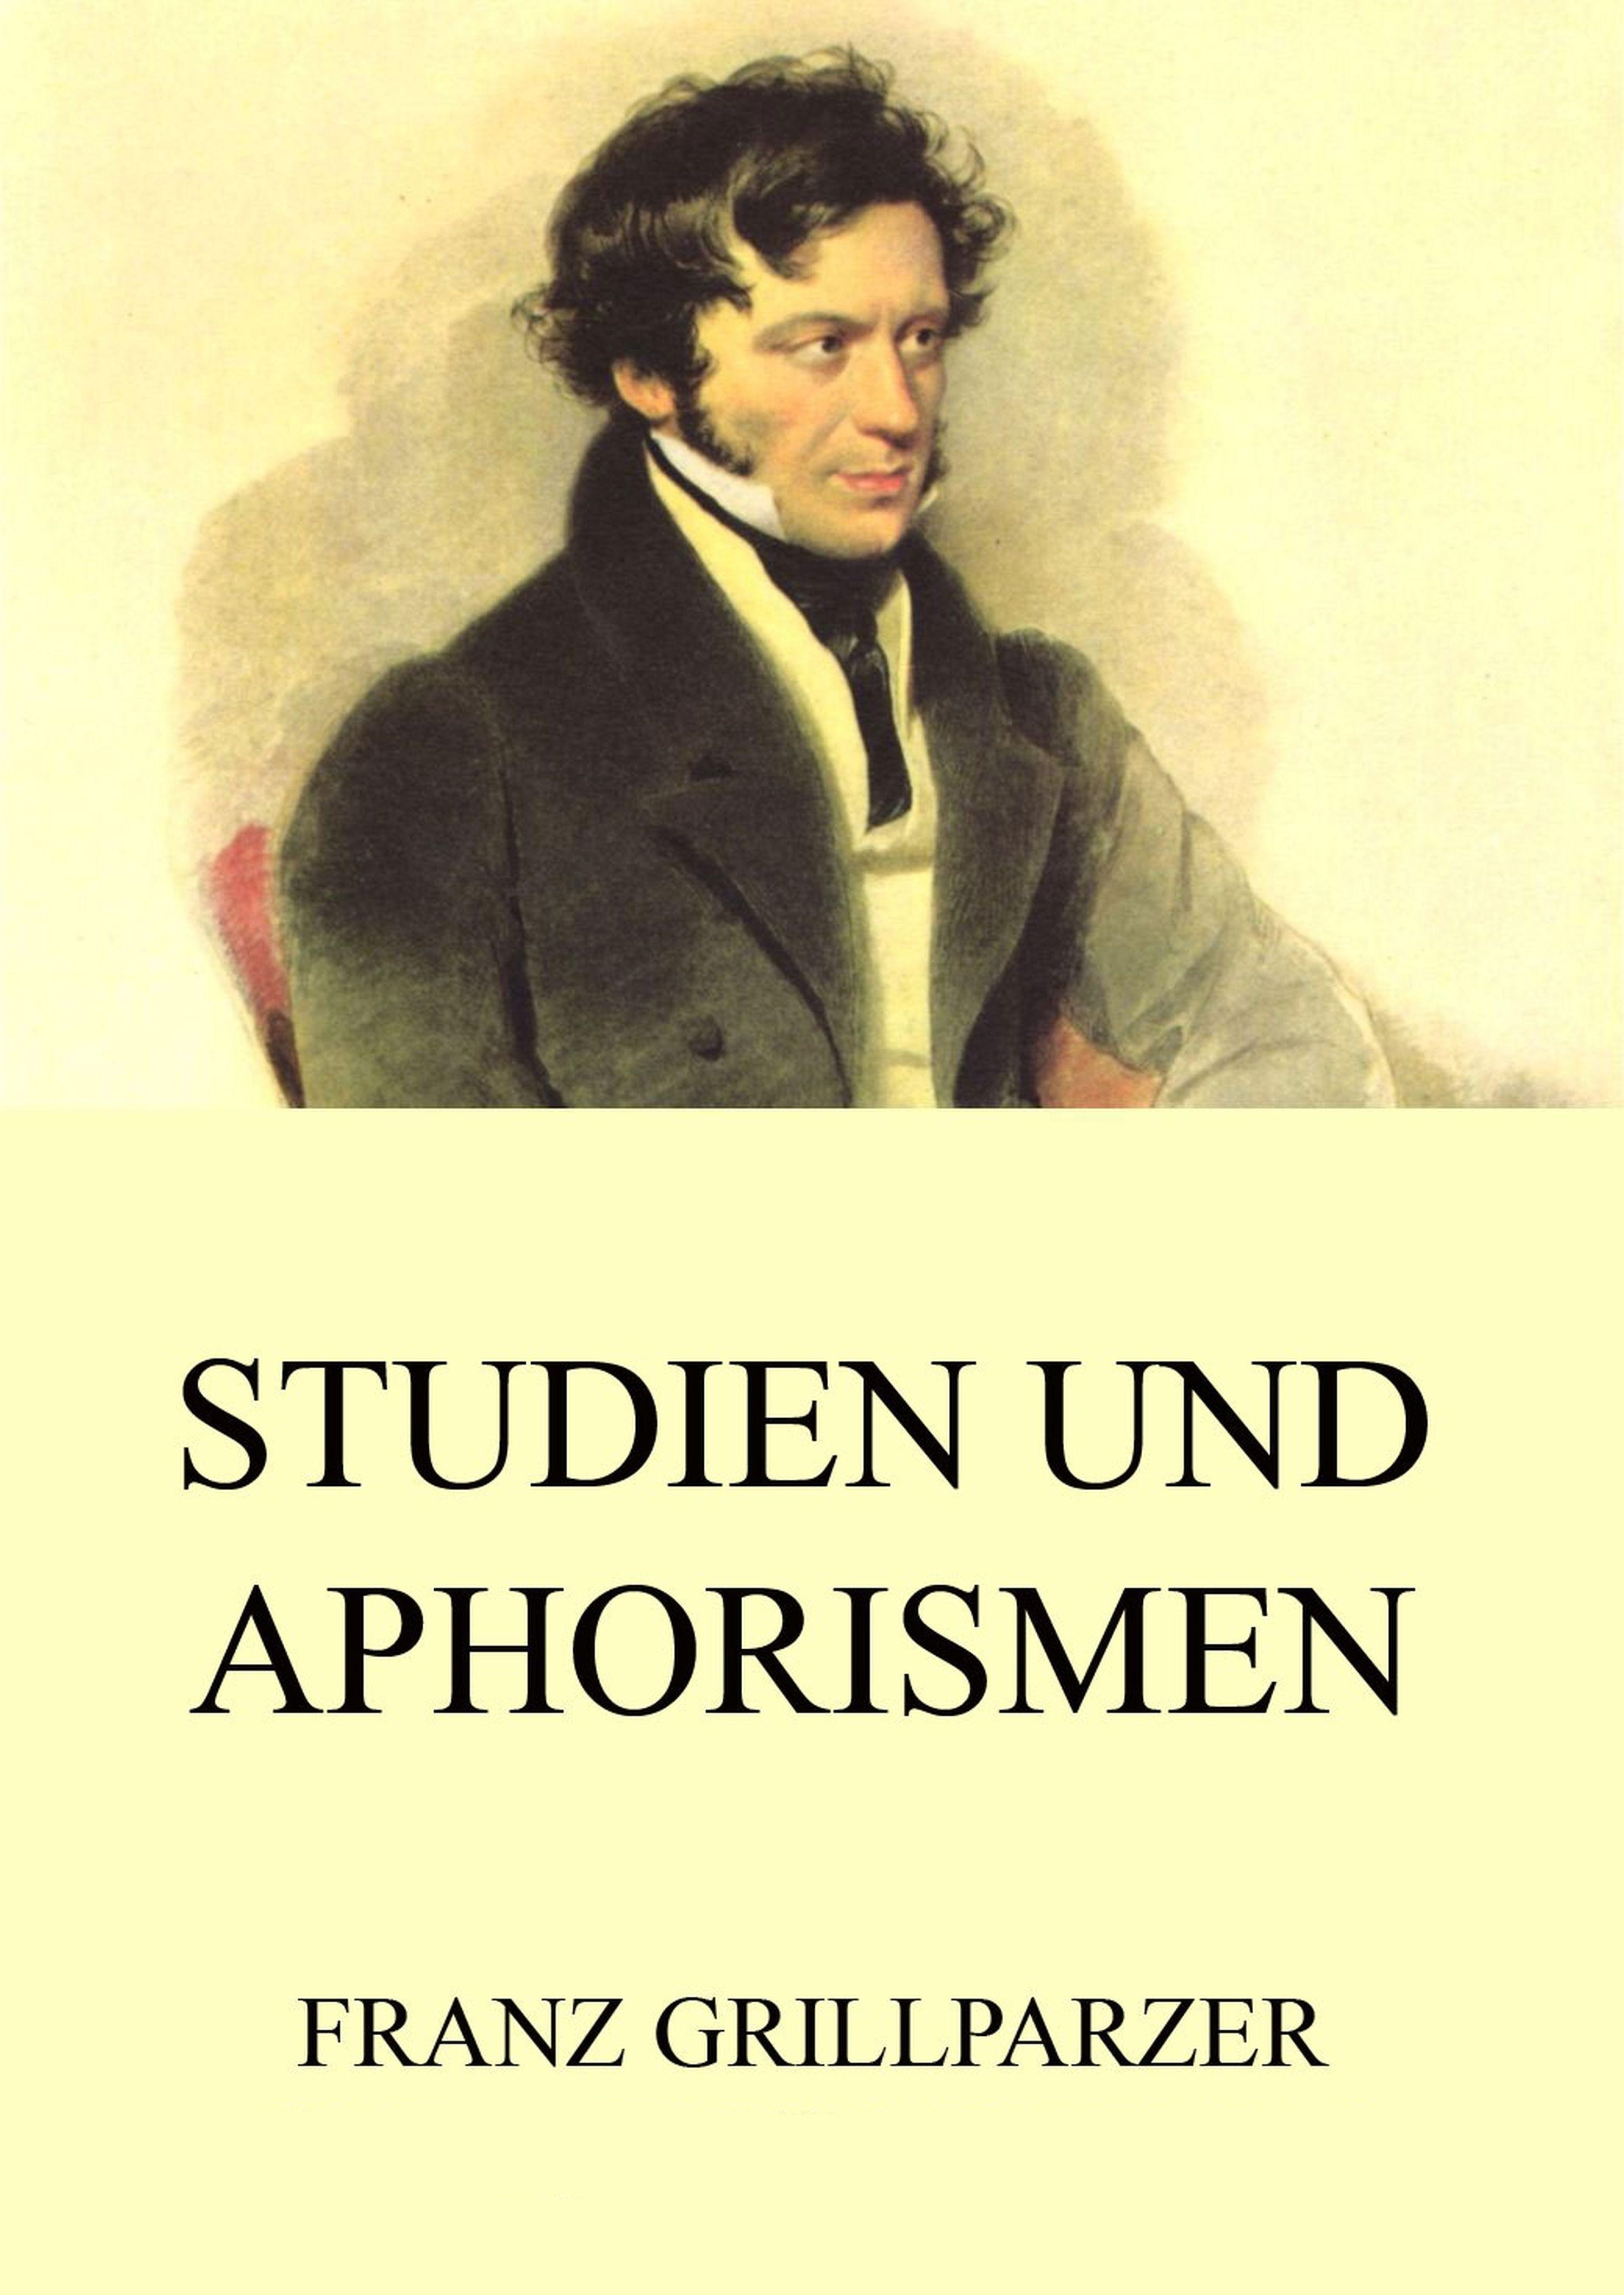 Franz Grillparzer Studien und Aphorismen jorissen theodoor historische studien volume 4 dutch edition